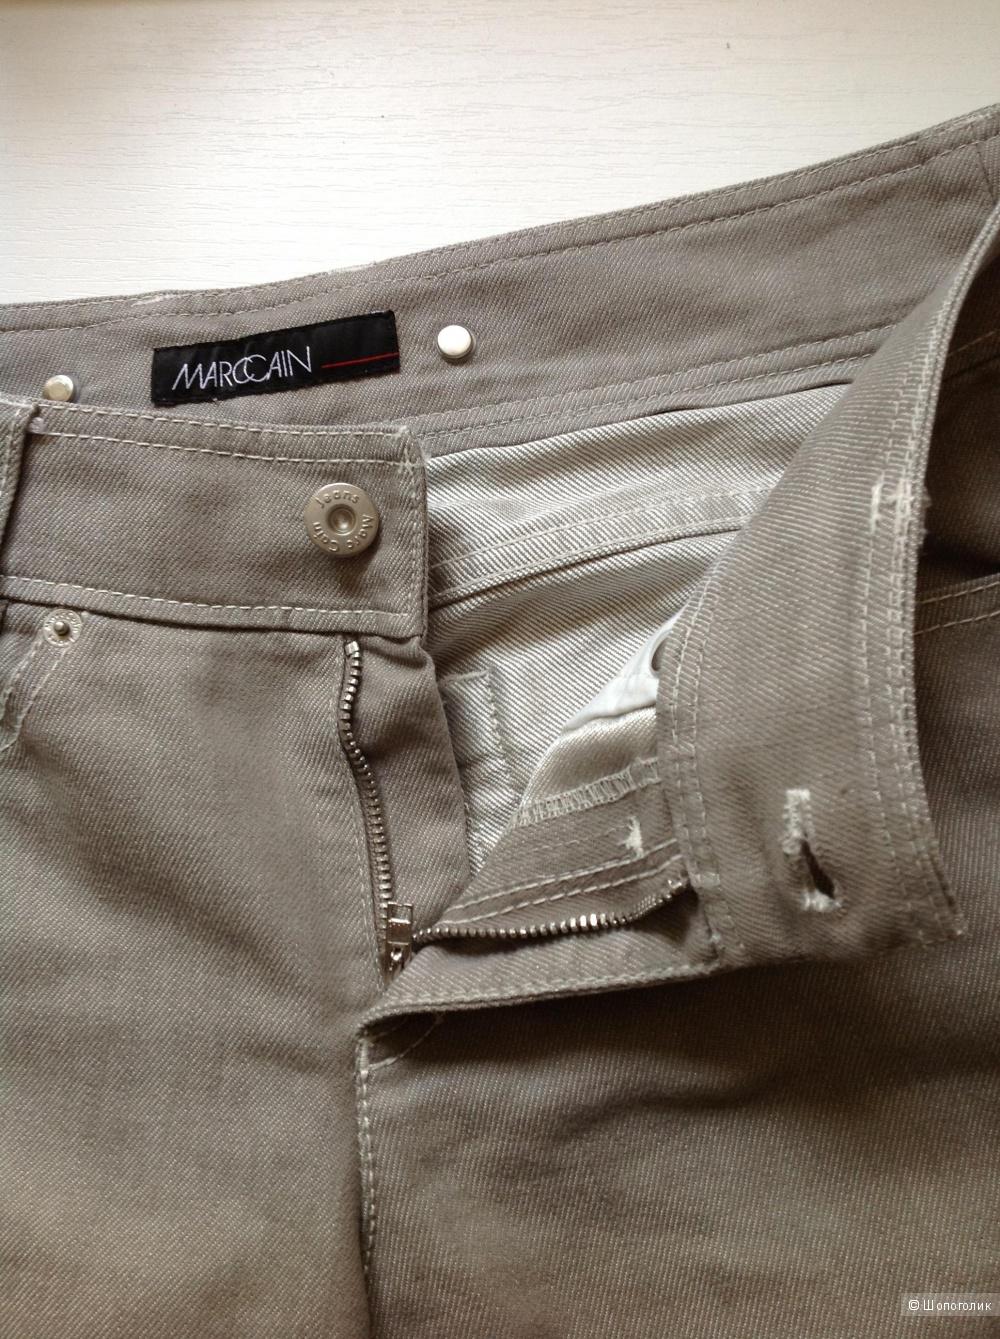 Джинсы люксовой марки Marc Cain (Германия), размер 44-46.